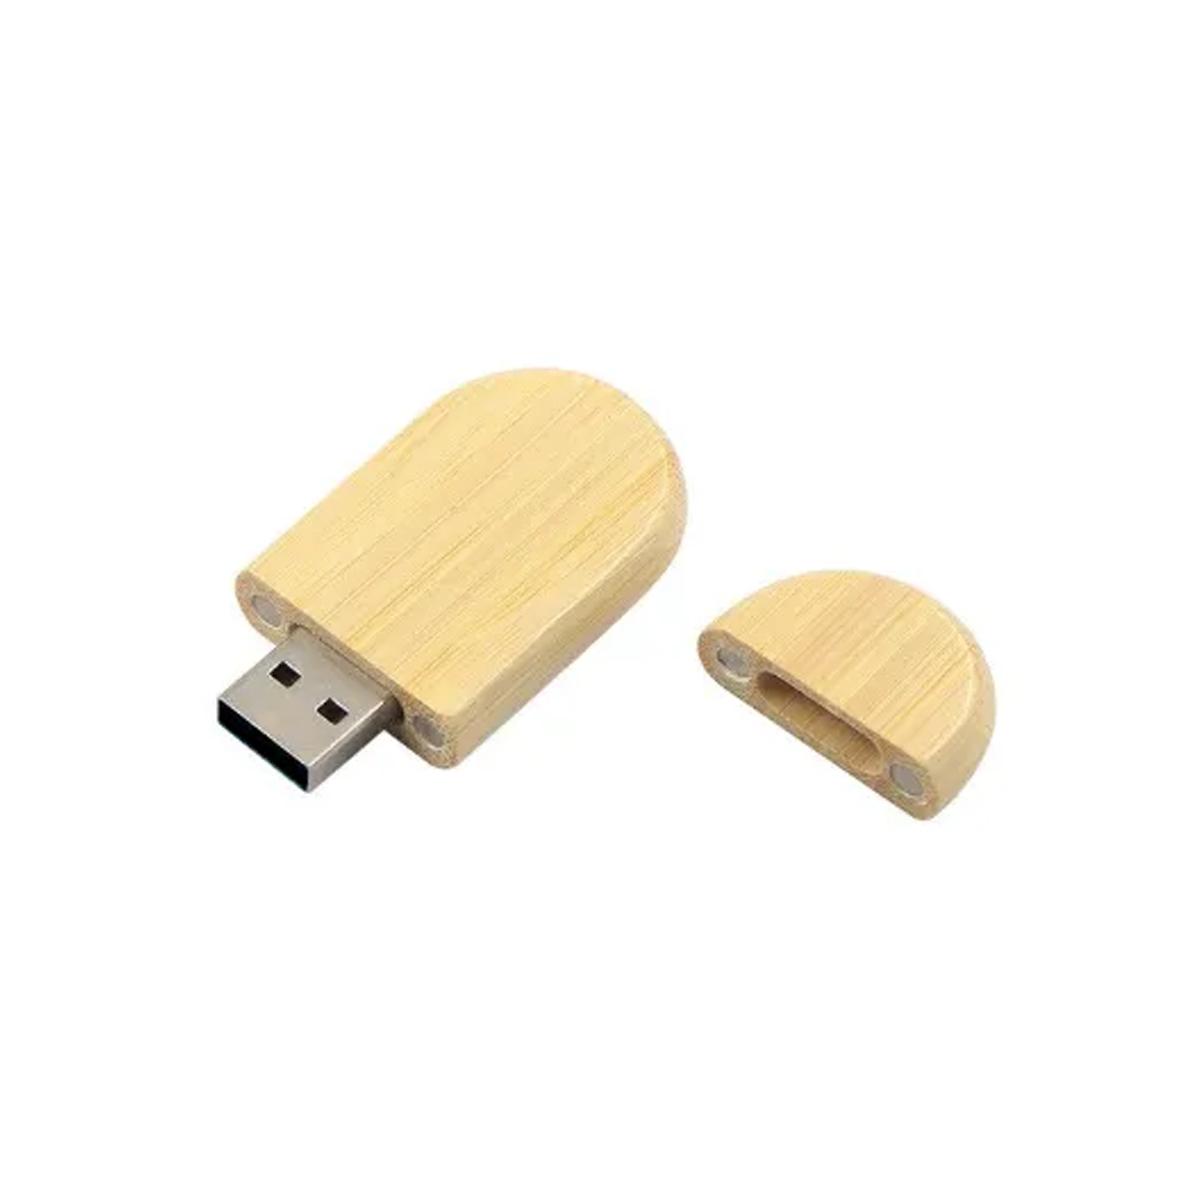 Pendrive de madeira sustentável MM305 -  8 GB - Pronta Entrega